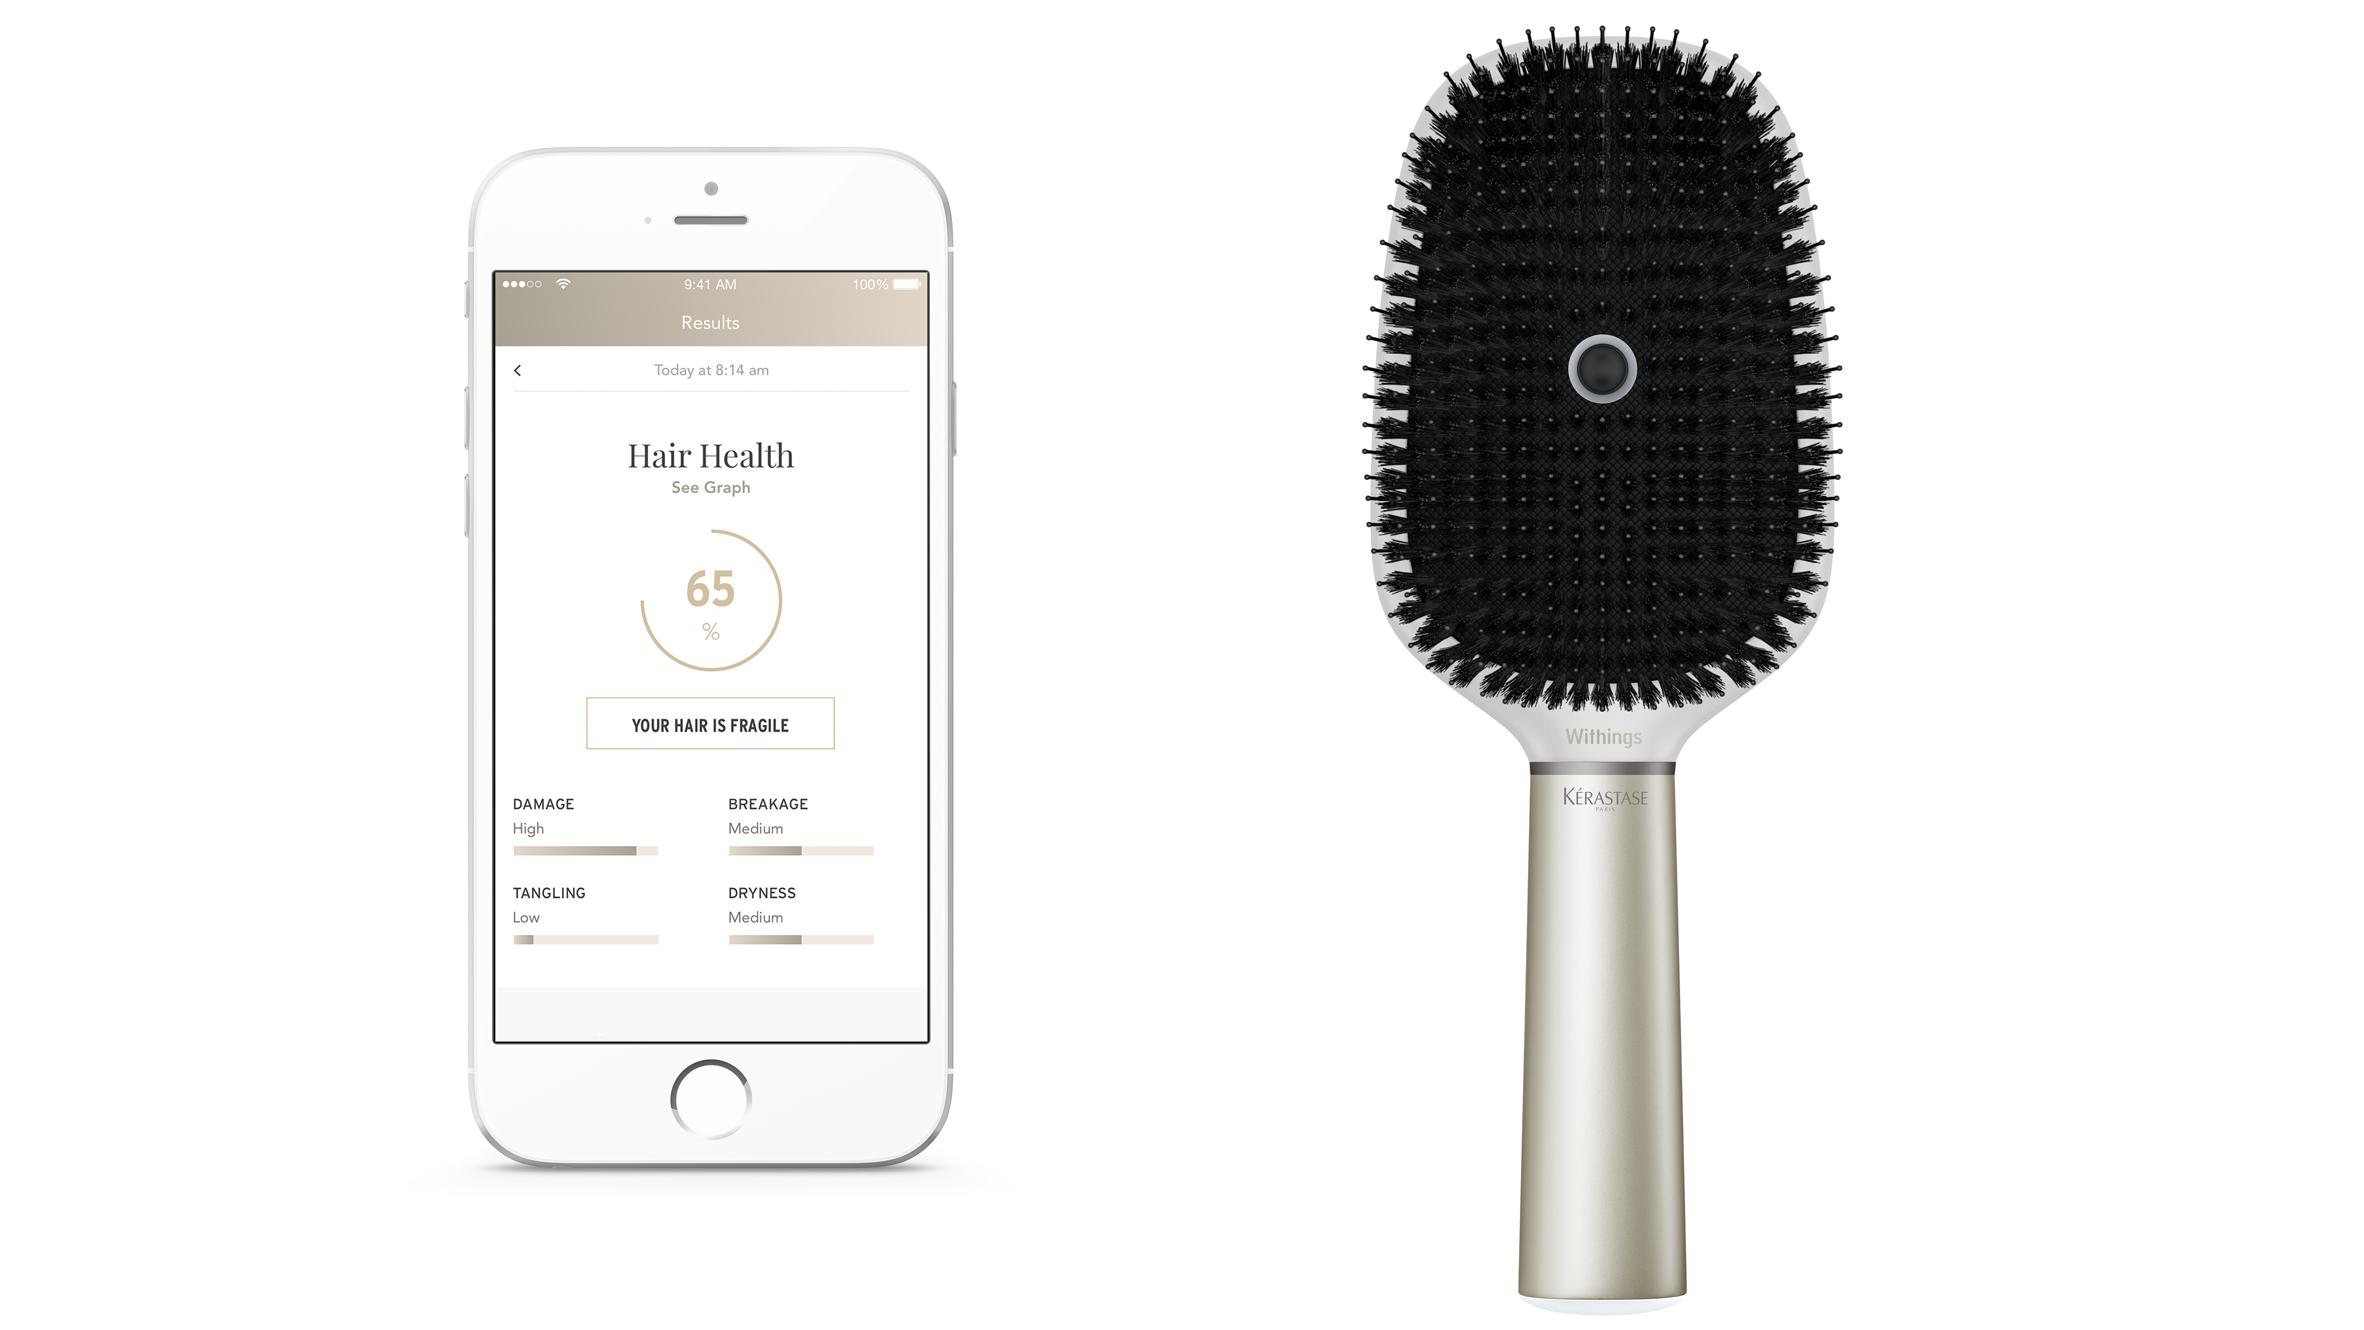 kerastaseair-smart-hairbrush-withings-design-technology-2017-dezeen-hero03